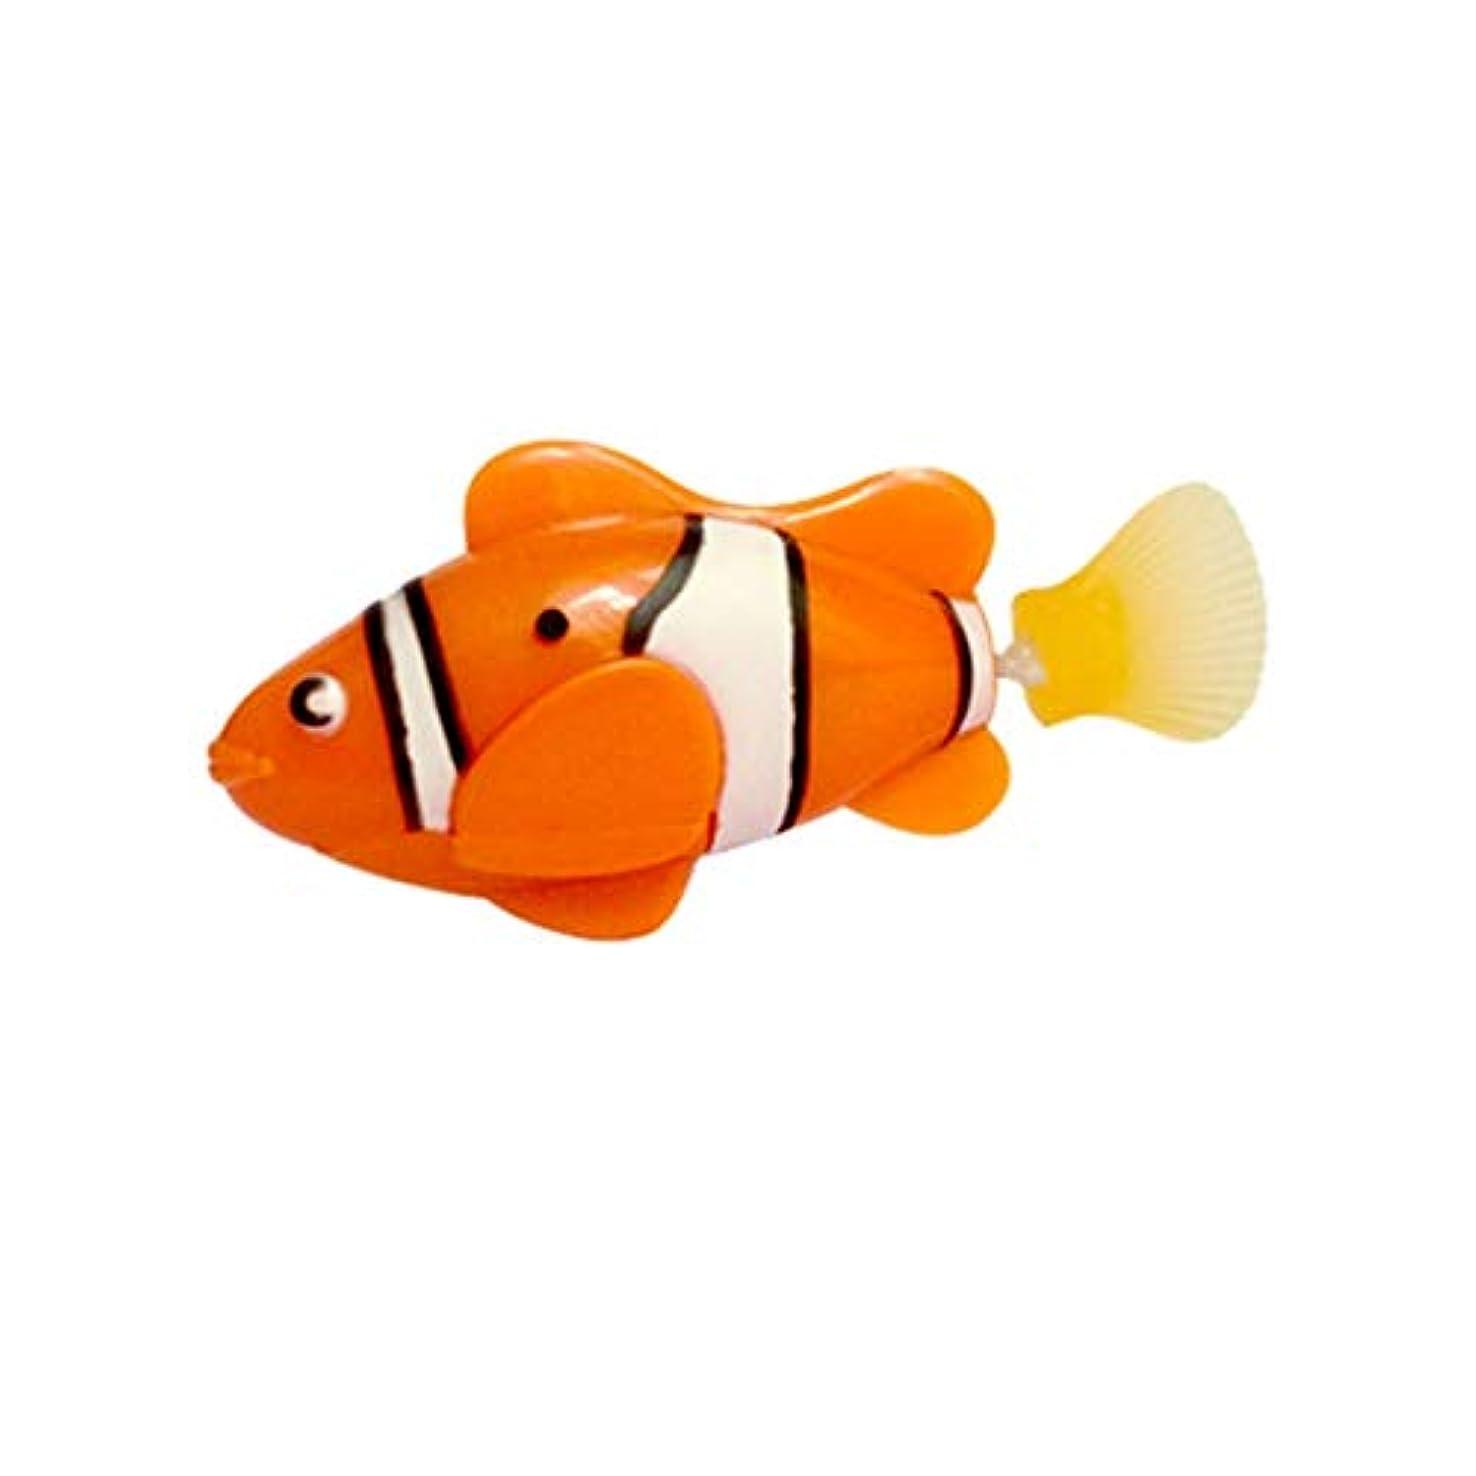 オリエンテーション説明汚染するミニ風呂玩具バイオニックフィッシュ電動スイミングマジカルルバオフィッシュ水中世界深海電子センシングフィッシュ - オレンジ